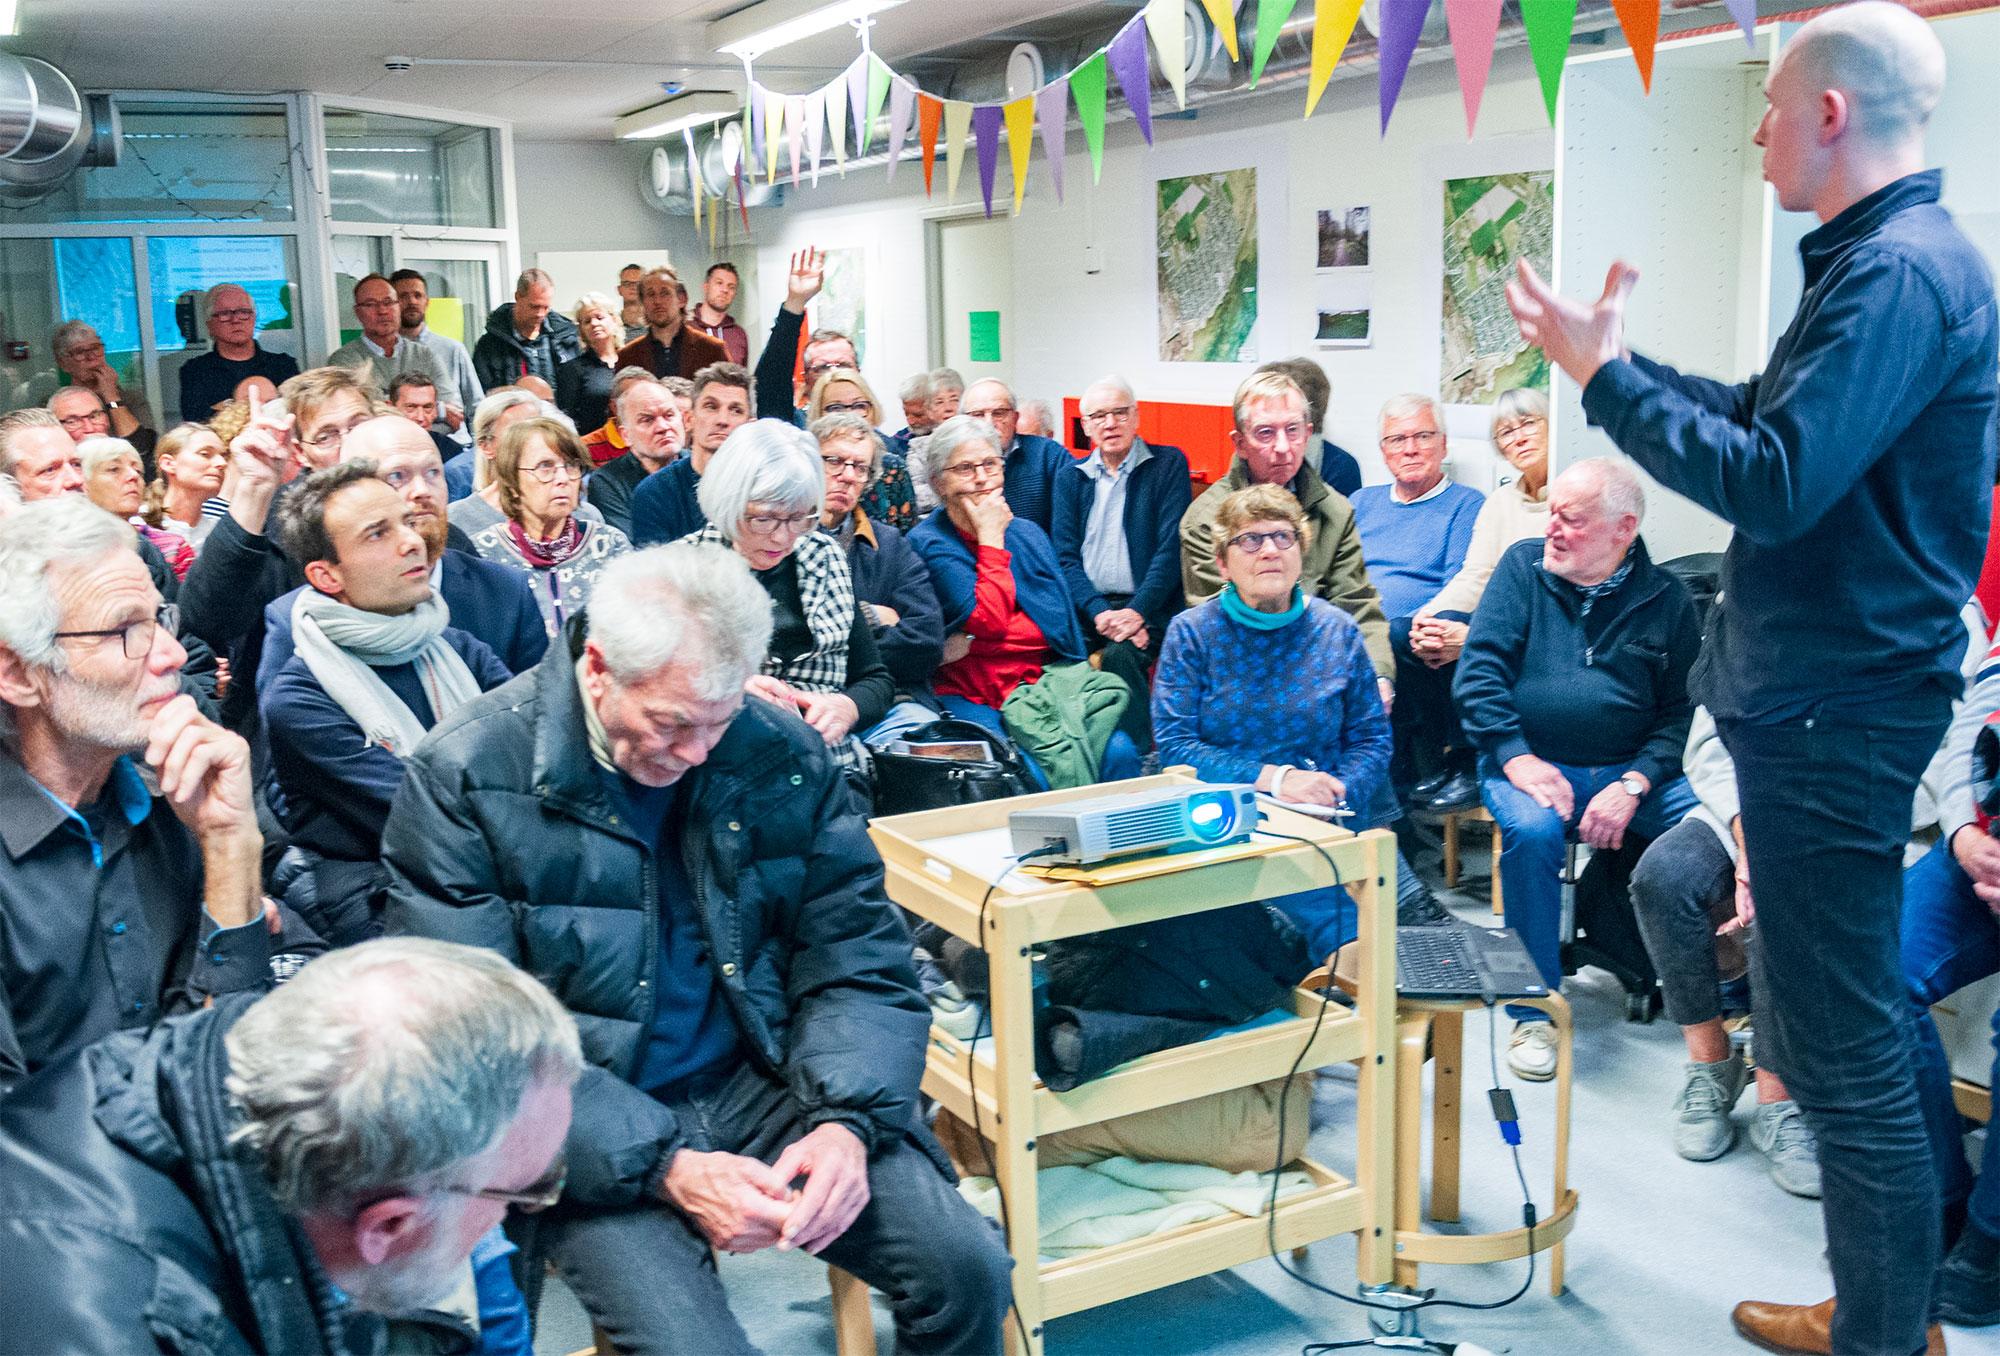 Tirsdag den 28. januar var der borgersamling i Sølyst Børnehave. Foto: Hans Jacob Sørensen.